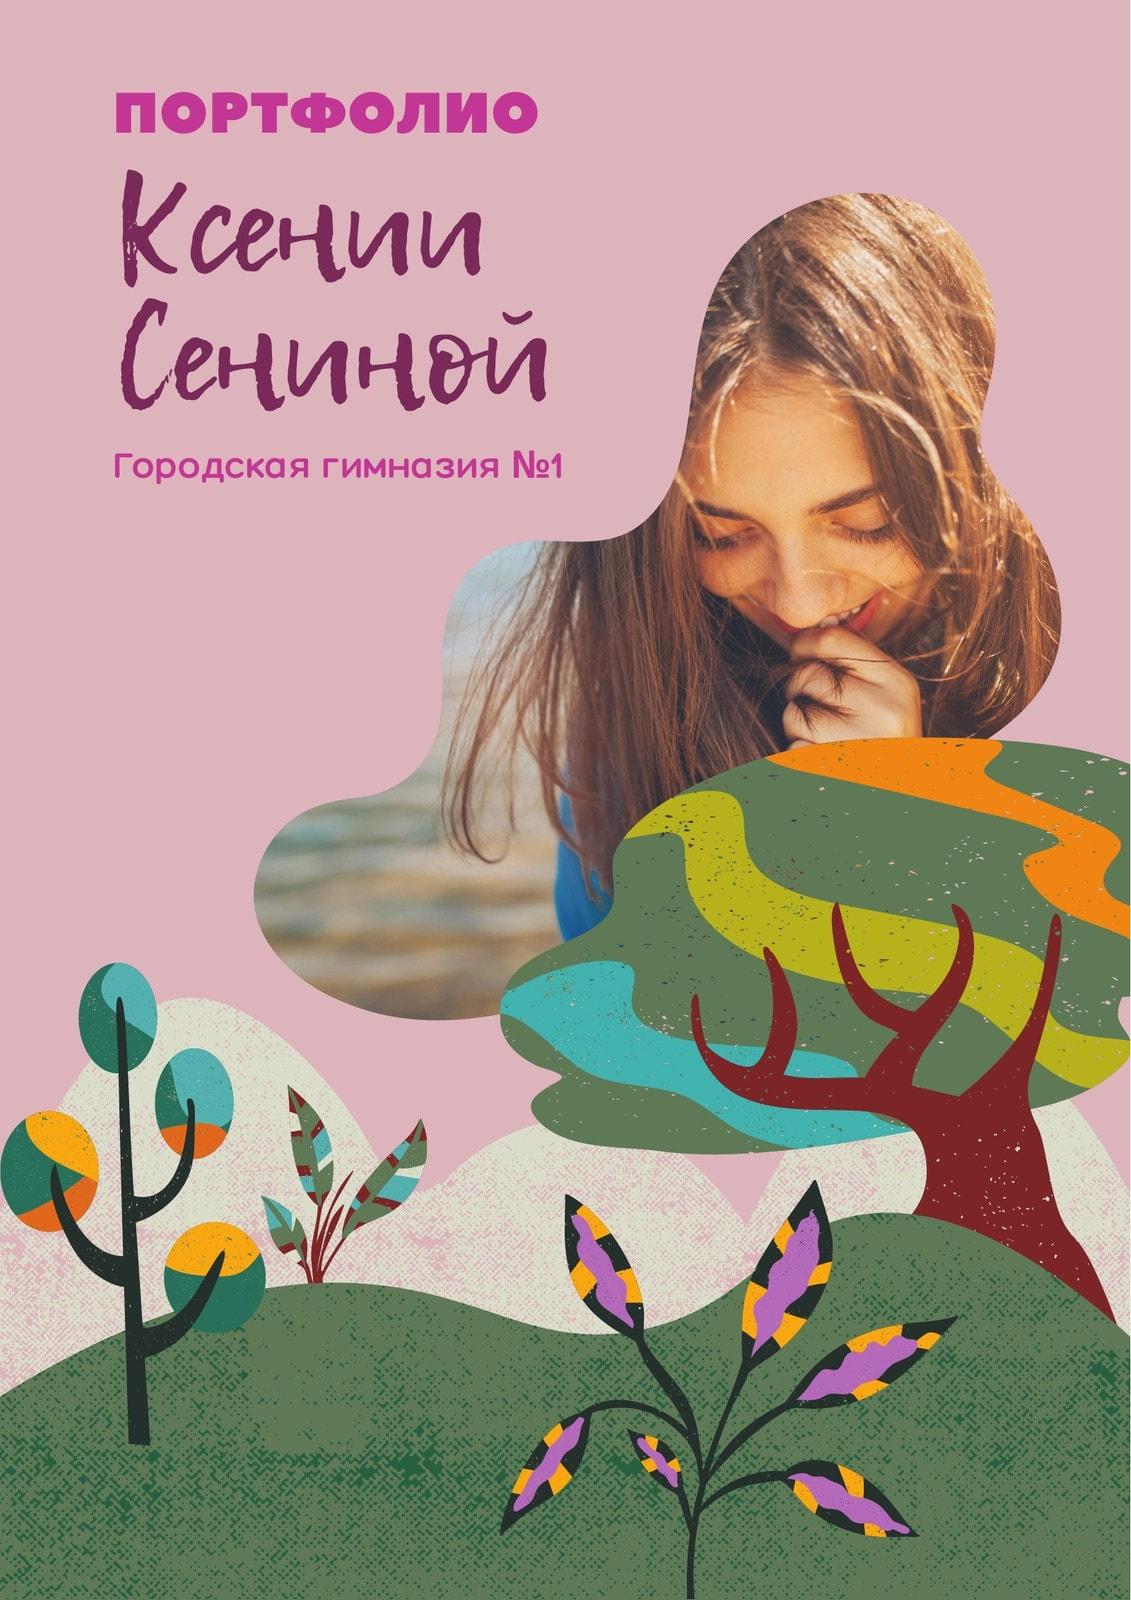 Зеленое, фиолетовое и желтое портфолио школьника с флористическими иллюстрациями